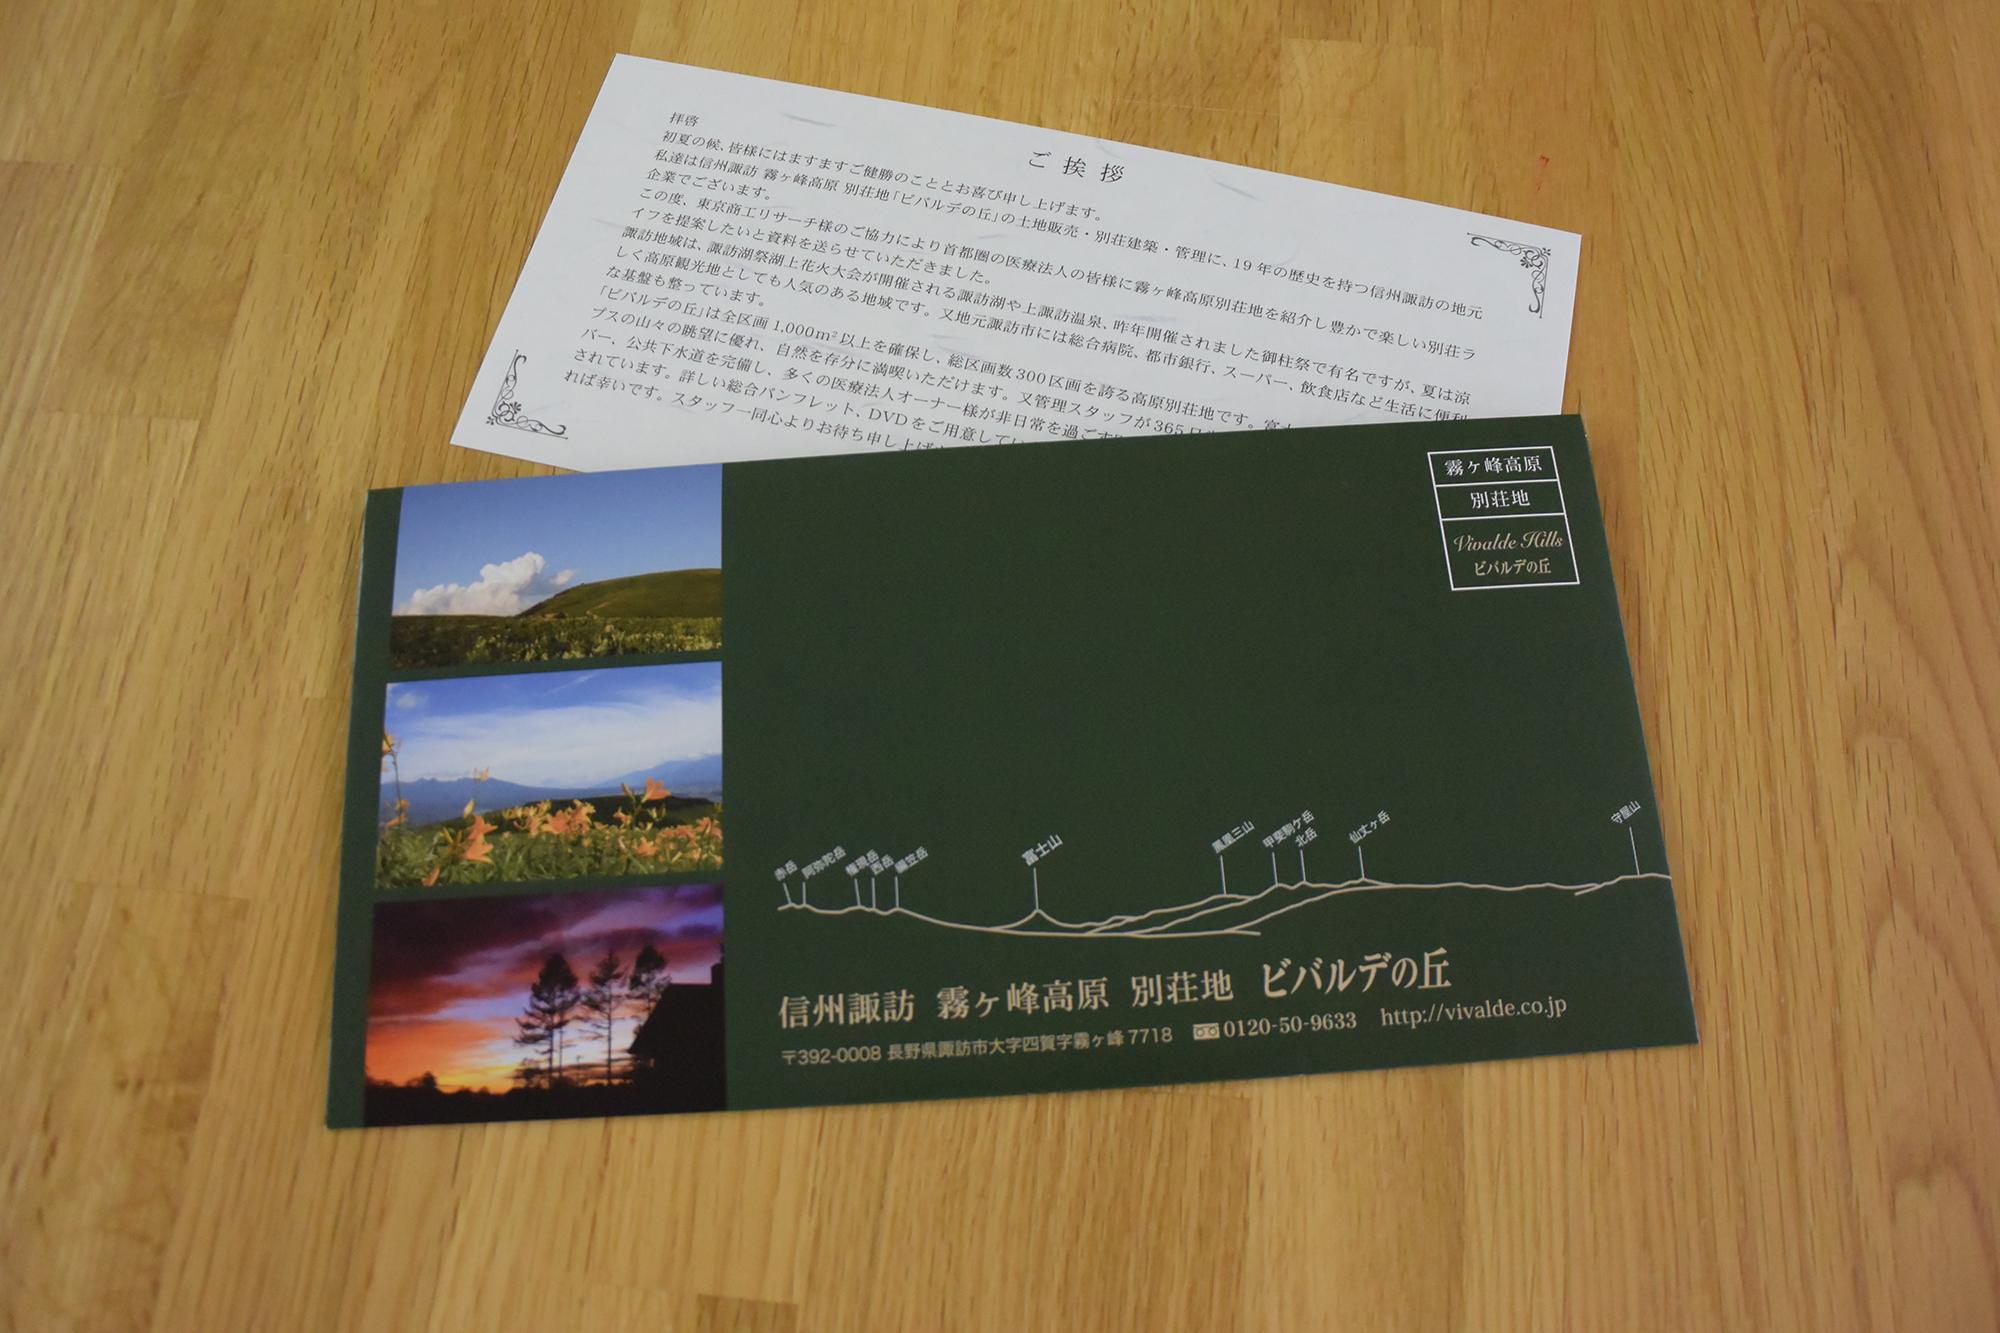 ビバルデの丘様の封筒・挨拶状できました。